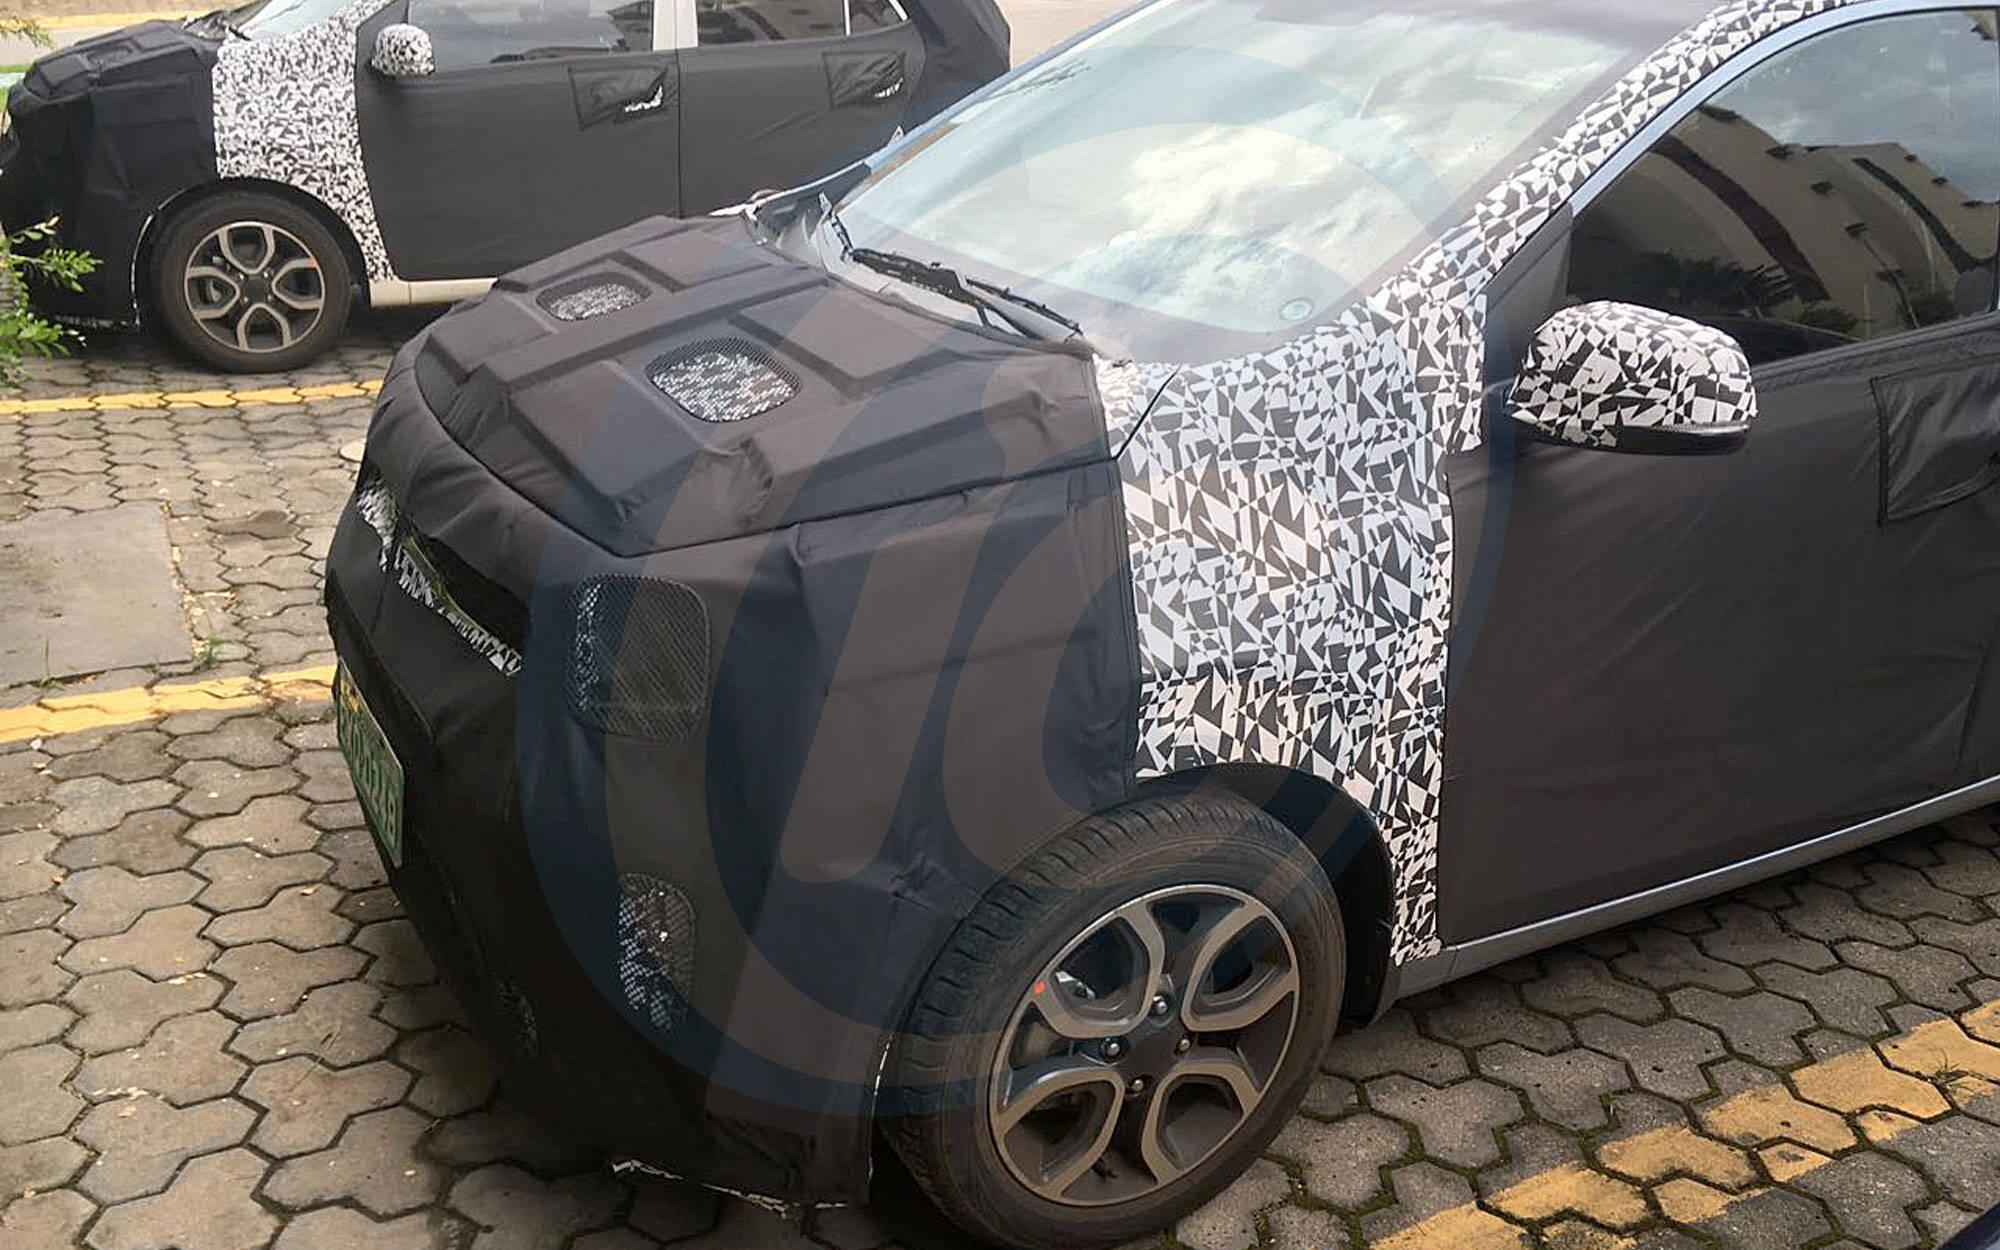 Hyundai testa unidades disfarçadas do novo Kia Picanto no Brasil, onde o carro deverá se chamar HB10 quando for lançado. Foto: Osvaldo Palermo